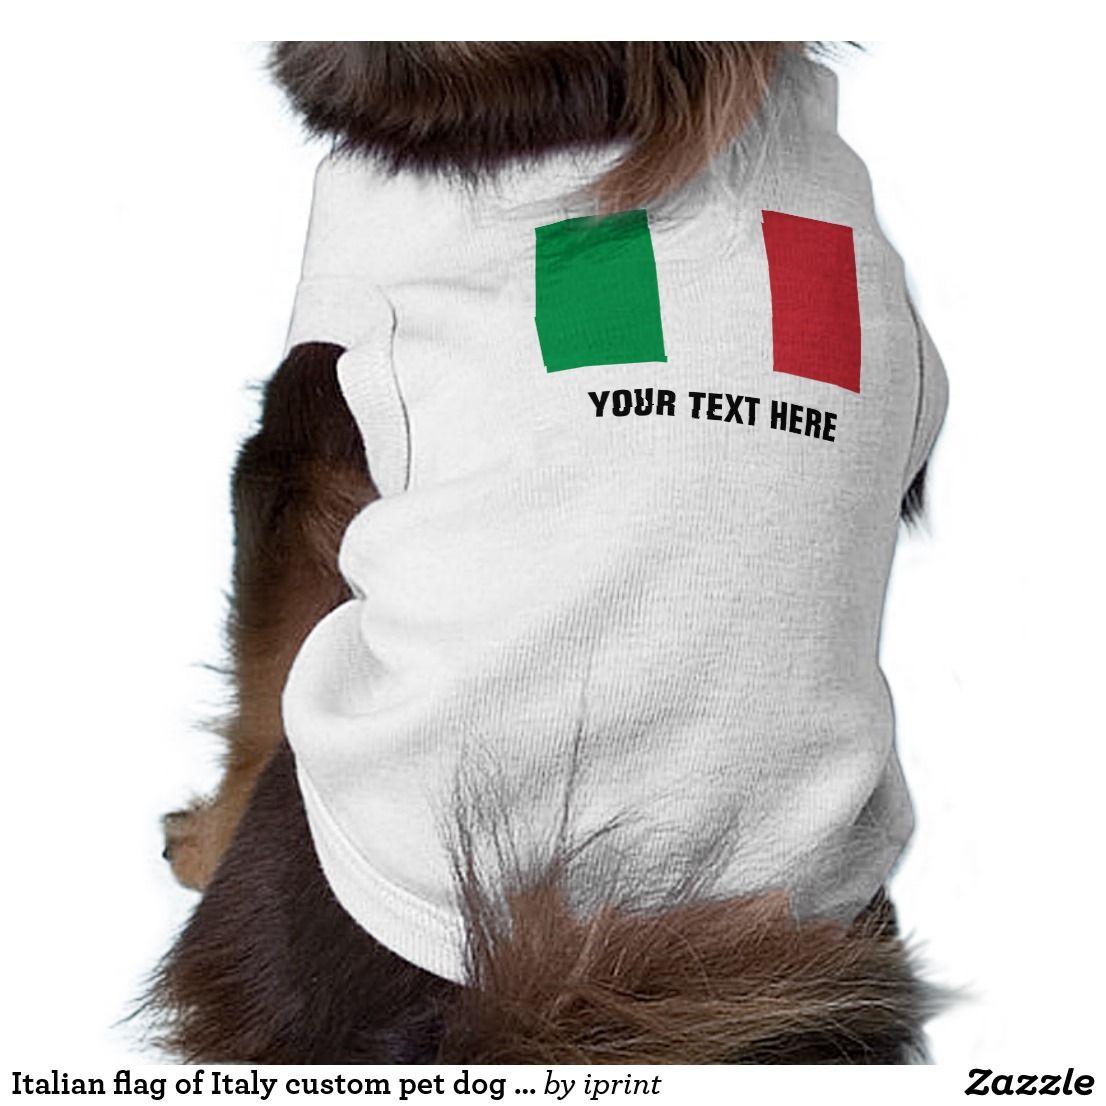 Italian flag of Italy custom pet dog shirt